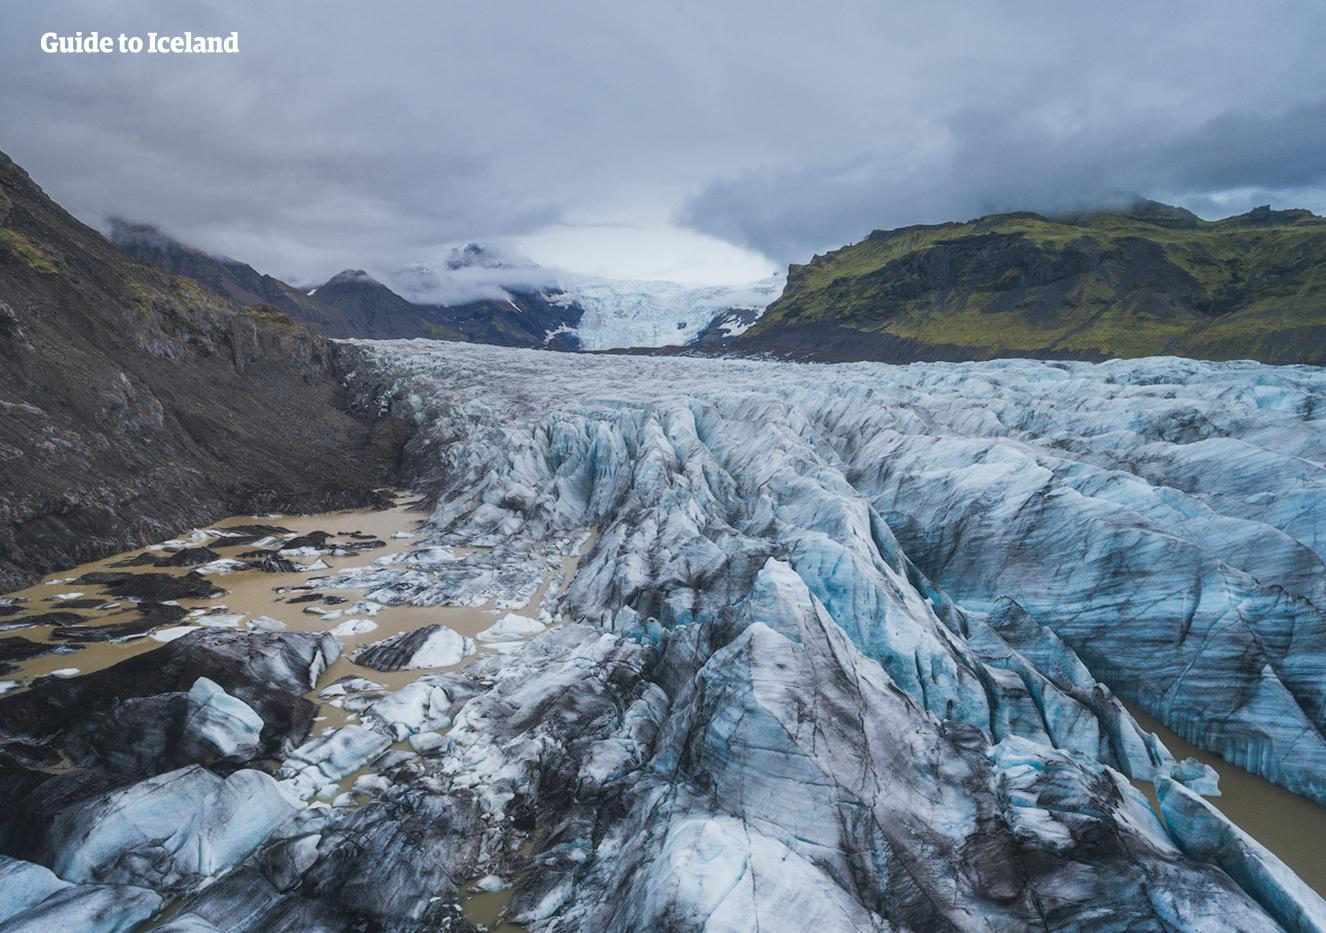 斯卡夫塔山自然保护区内有许多注出冰川,如斯维纳山冰川;著名的斯瓦提瀑布也位于保护区内。